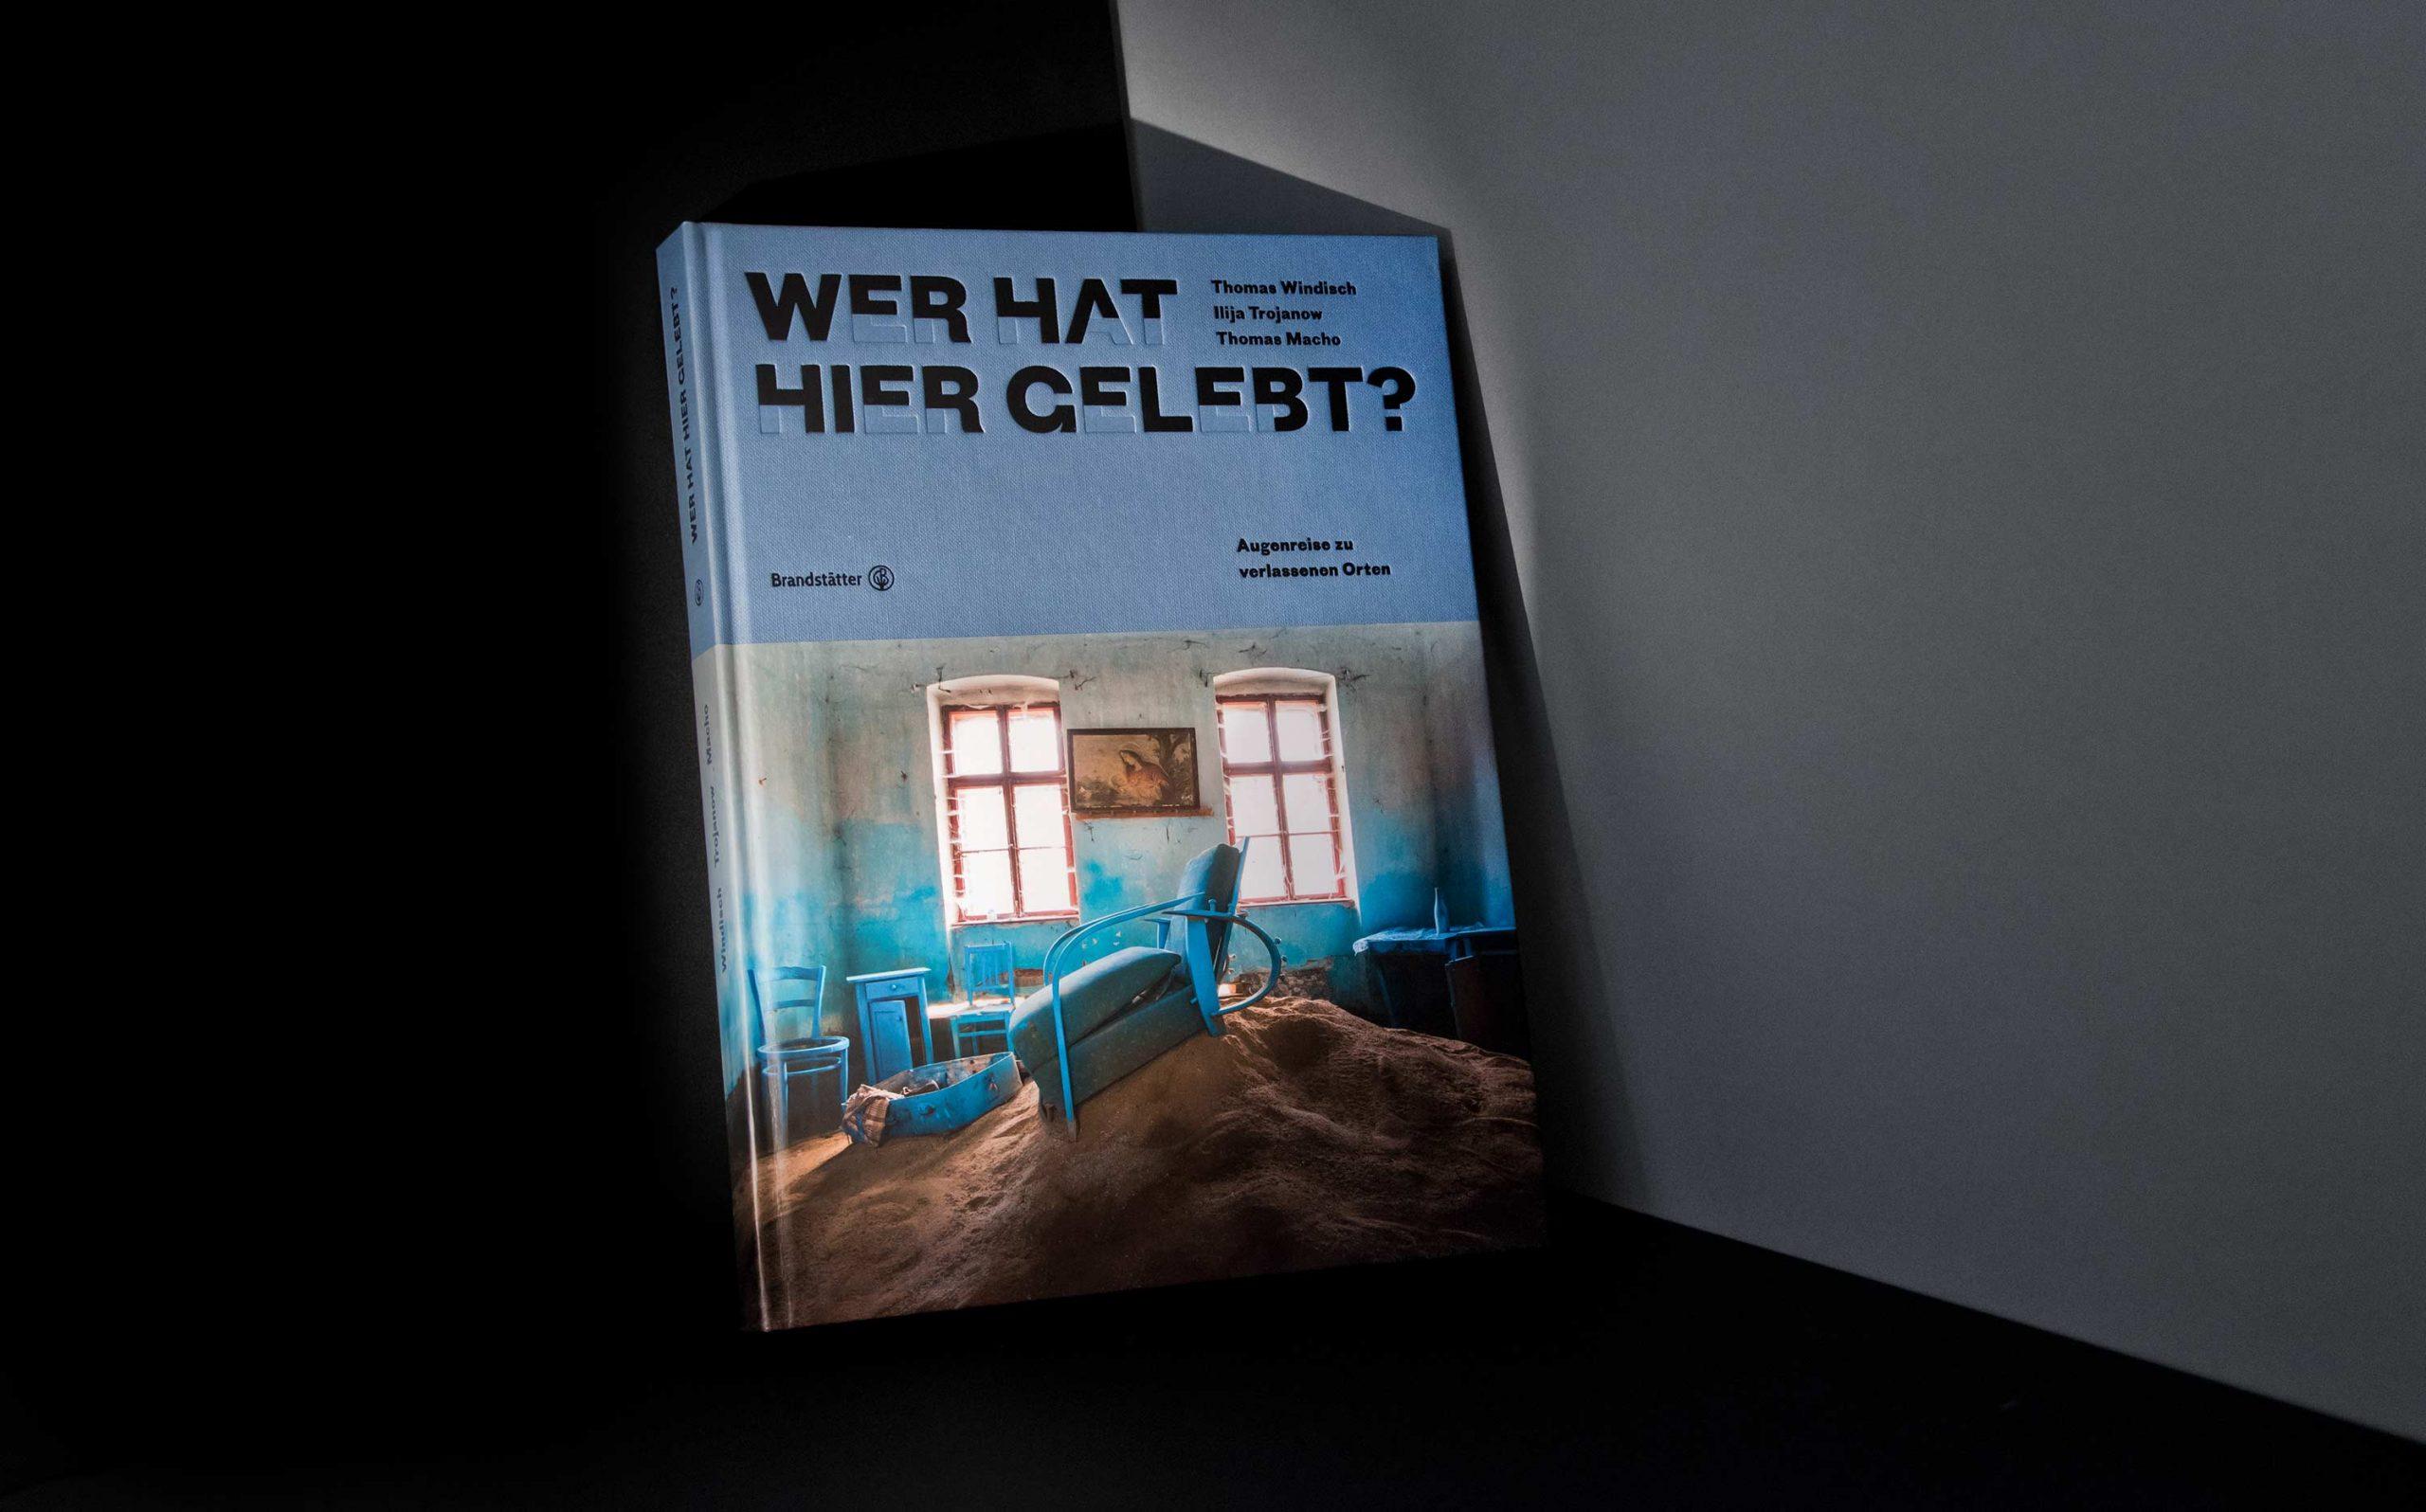 Editorial Design Thomas Windisch, Ilija Trojanow – Wer hat hier gelebt | Cover mit partieller Schrift | Keywords: Ilija Trojanow, Thomas Windisch, Fotobuch, Bildband, Editorial Design, Kunstbuch, Typografie, Designbüro